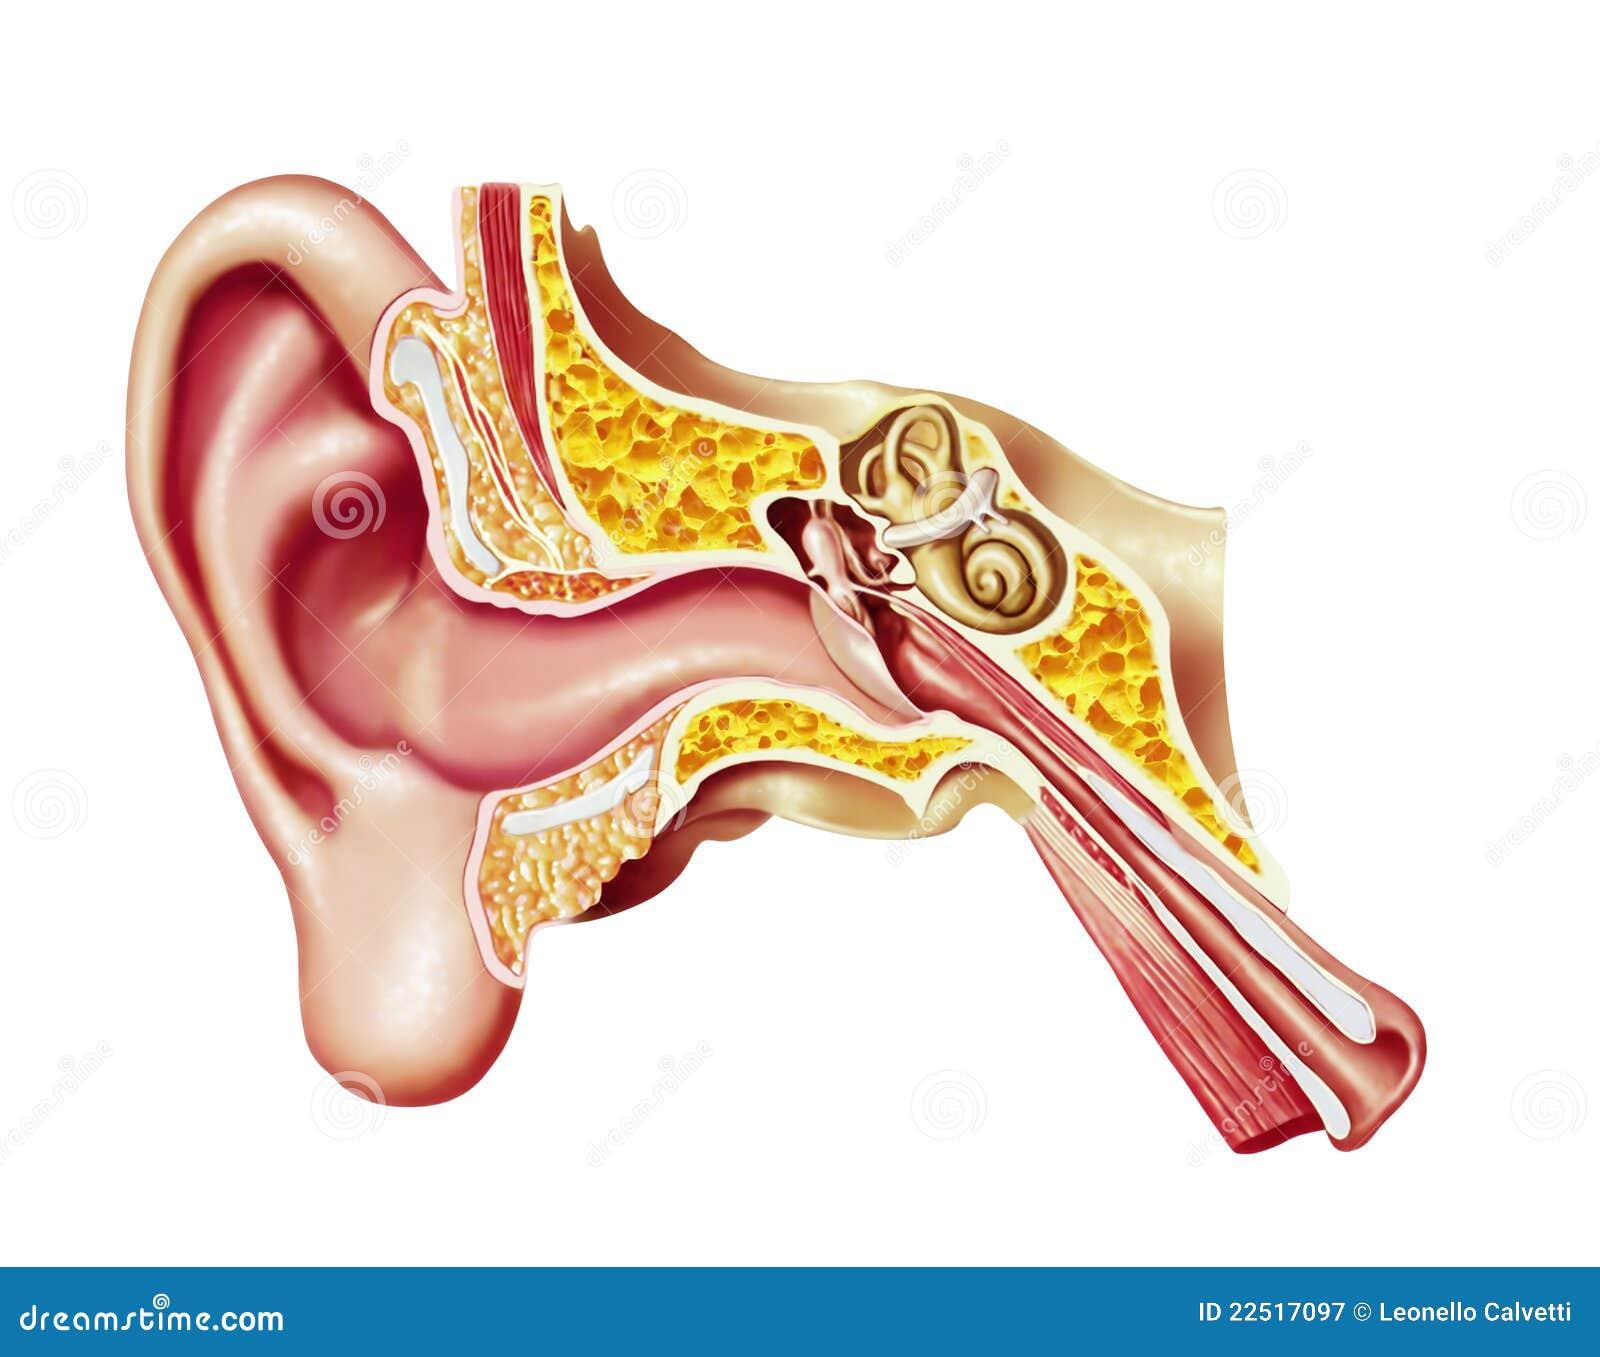 Menschliches Ohr, Realistisches Schnittdiagramm. Stock Abbildung ...